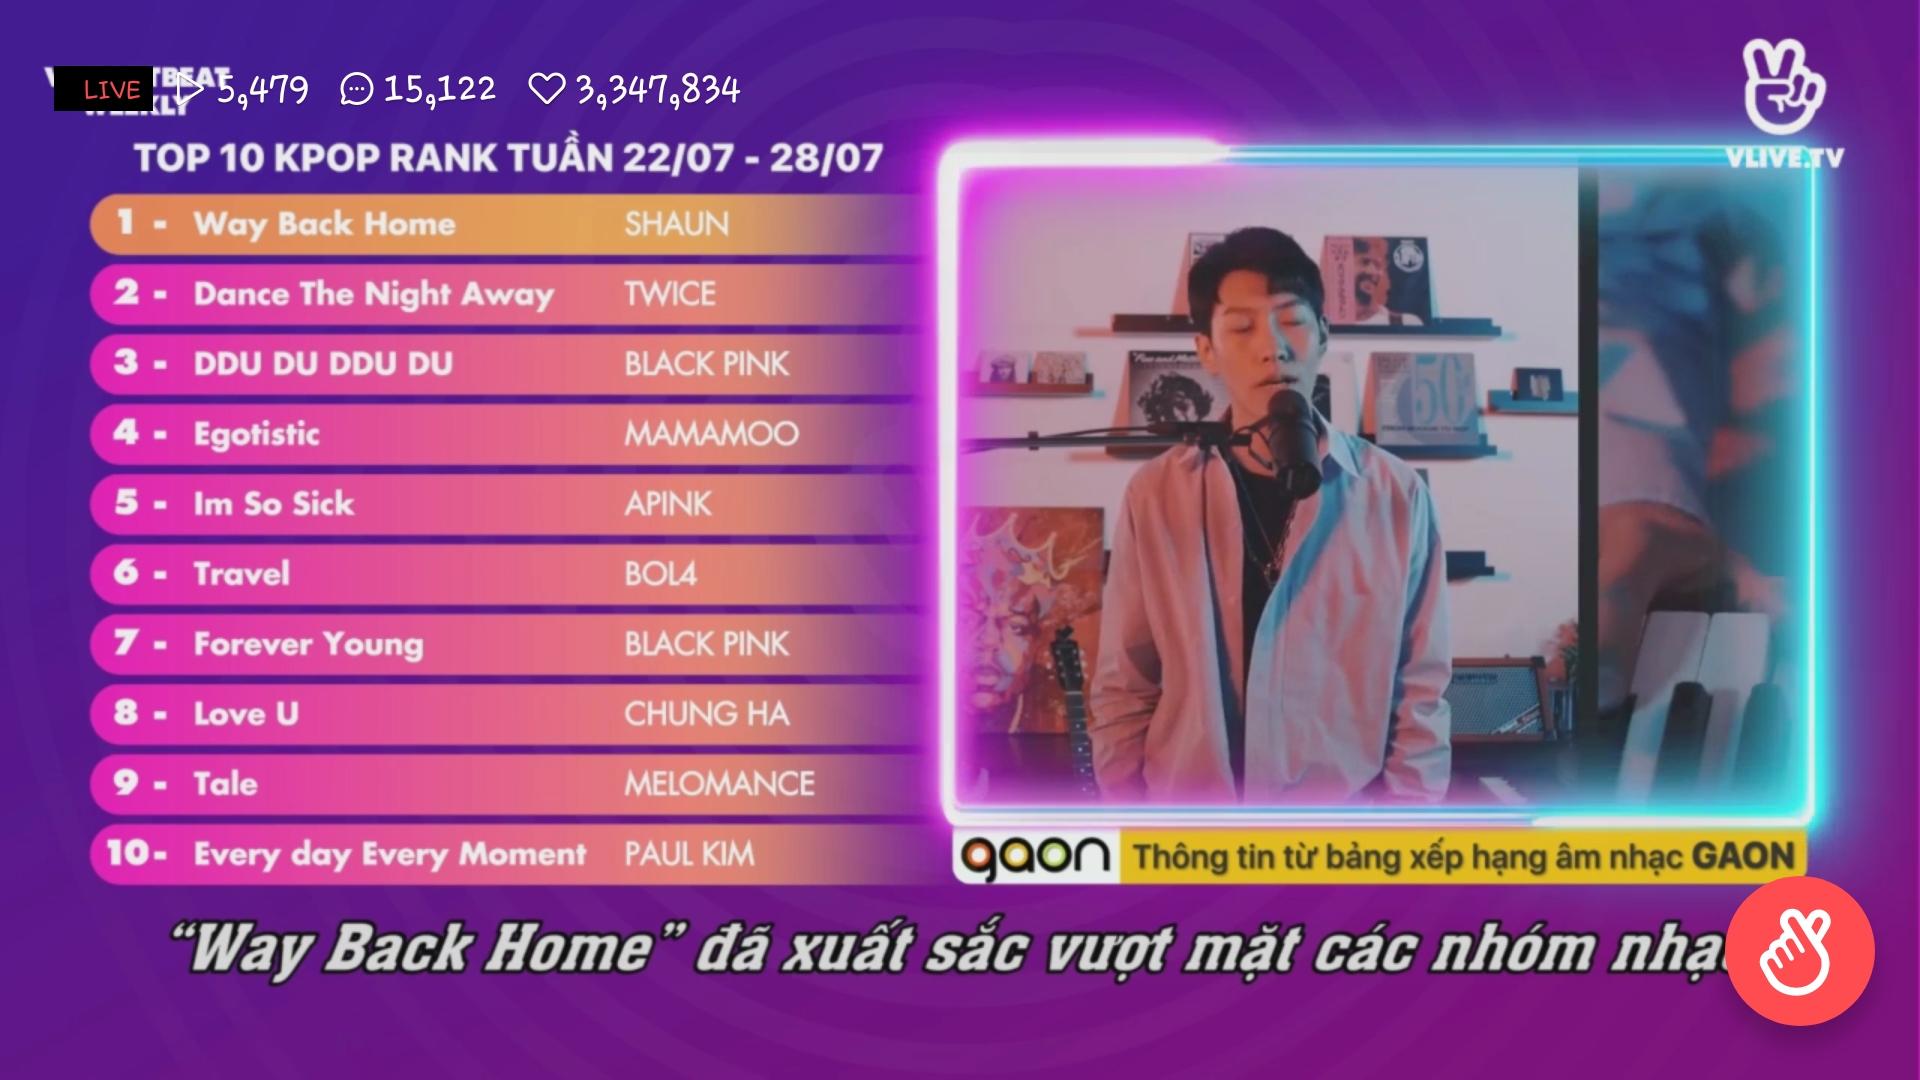 Soobin và Ji Yeon bất ngờ vượt Sơn Tùng M-TP, chiếm ngôi đầu BXH âm nhạc - Ảnh 7.